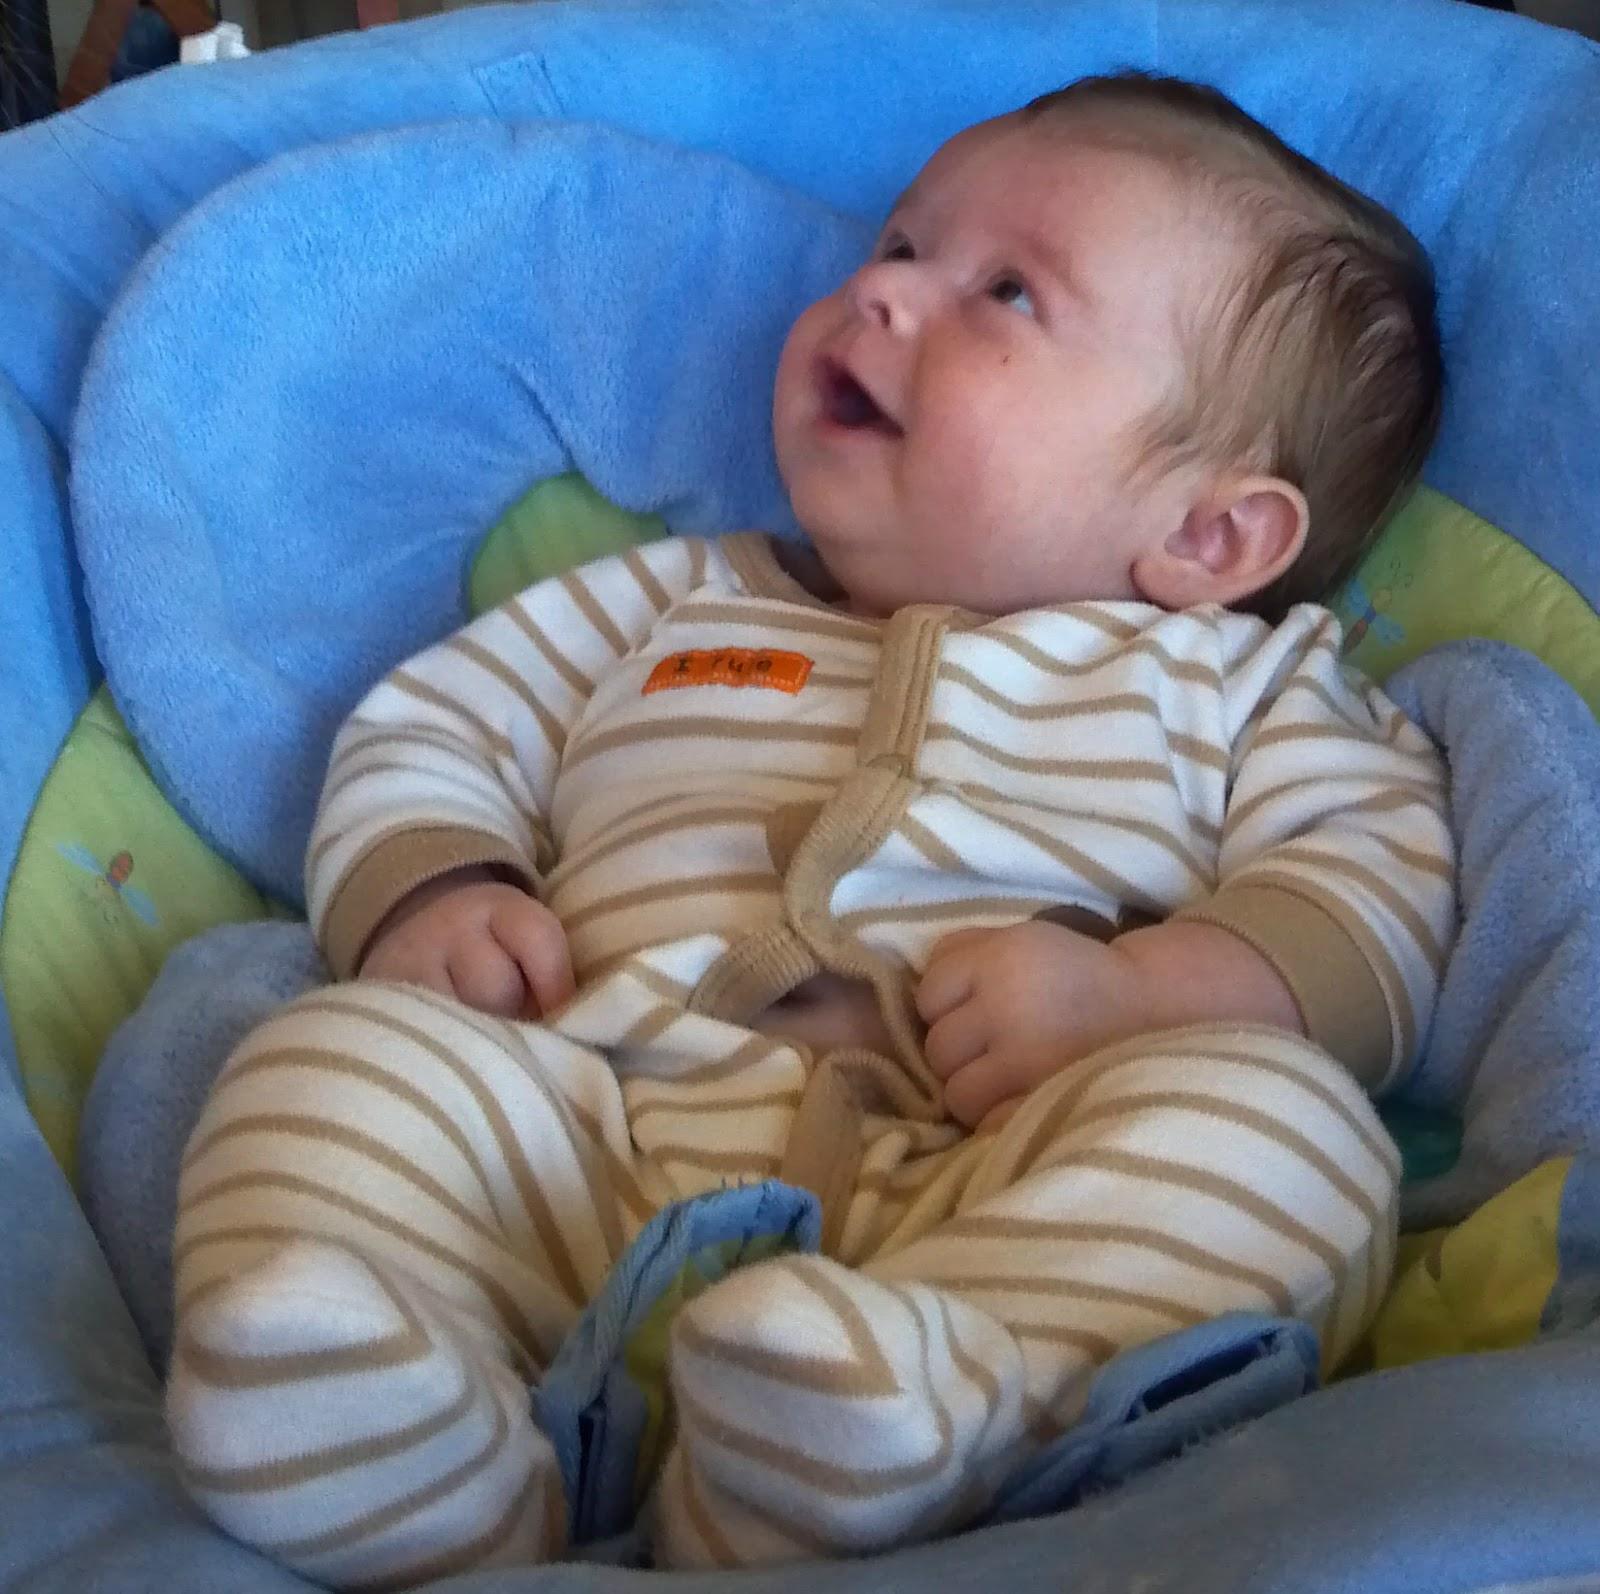 http://2.bp.blogspot.com/-hDaFYcM7J1o/UCPfdvpOQqI/AAAAAAAAK_0/ONZ1T-fEr6k/s1600/carlilse+grin.jpg